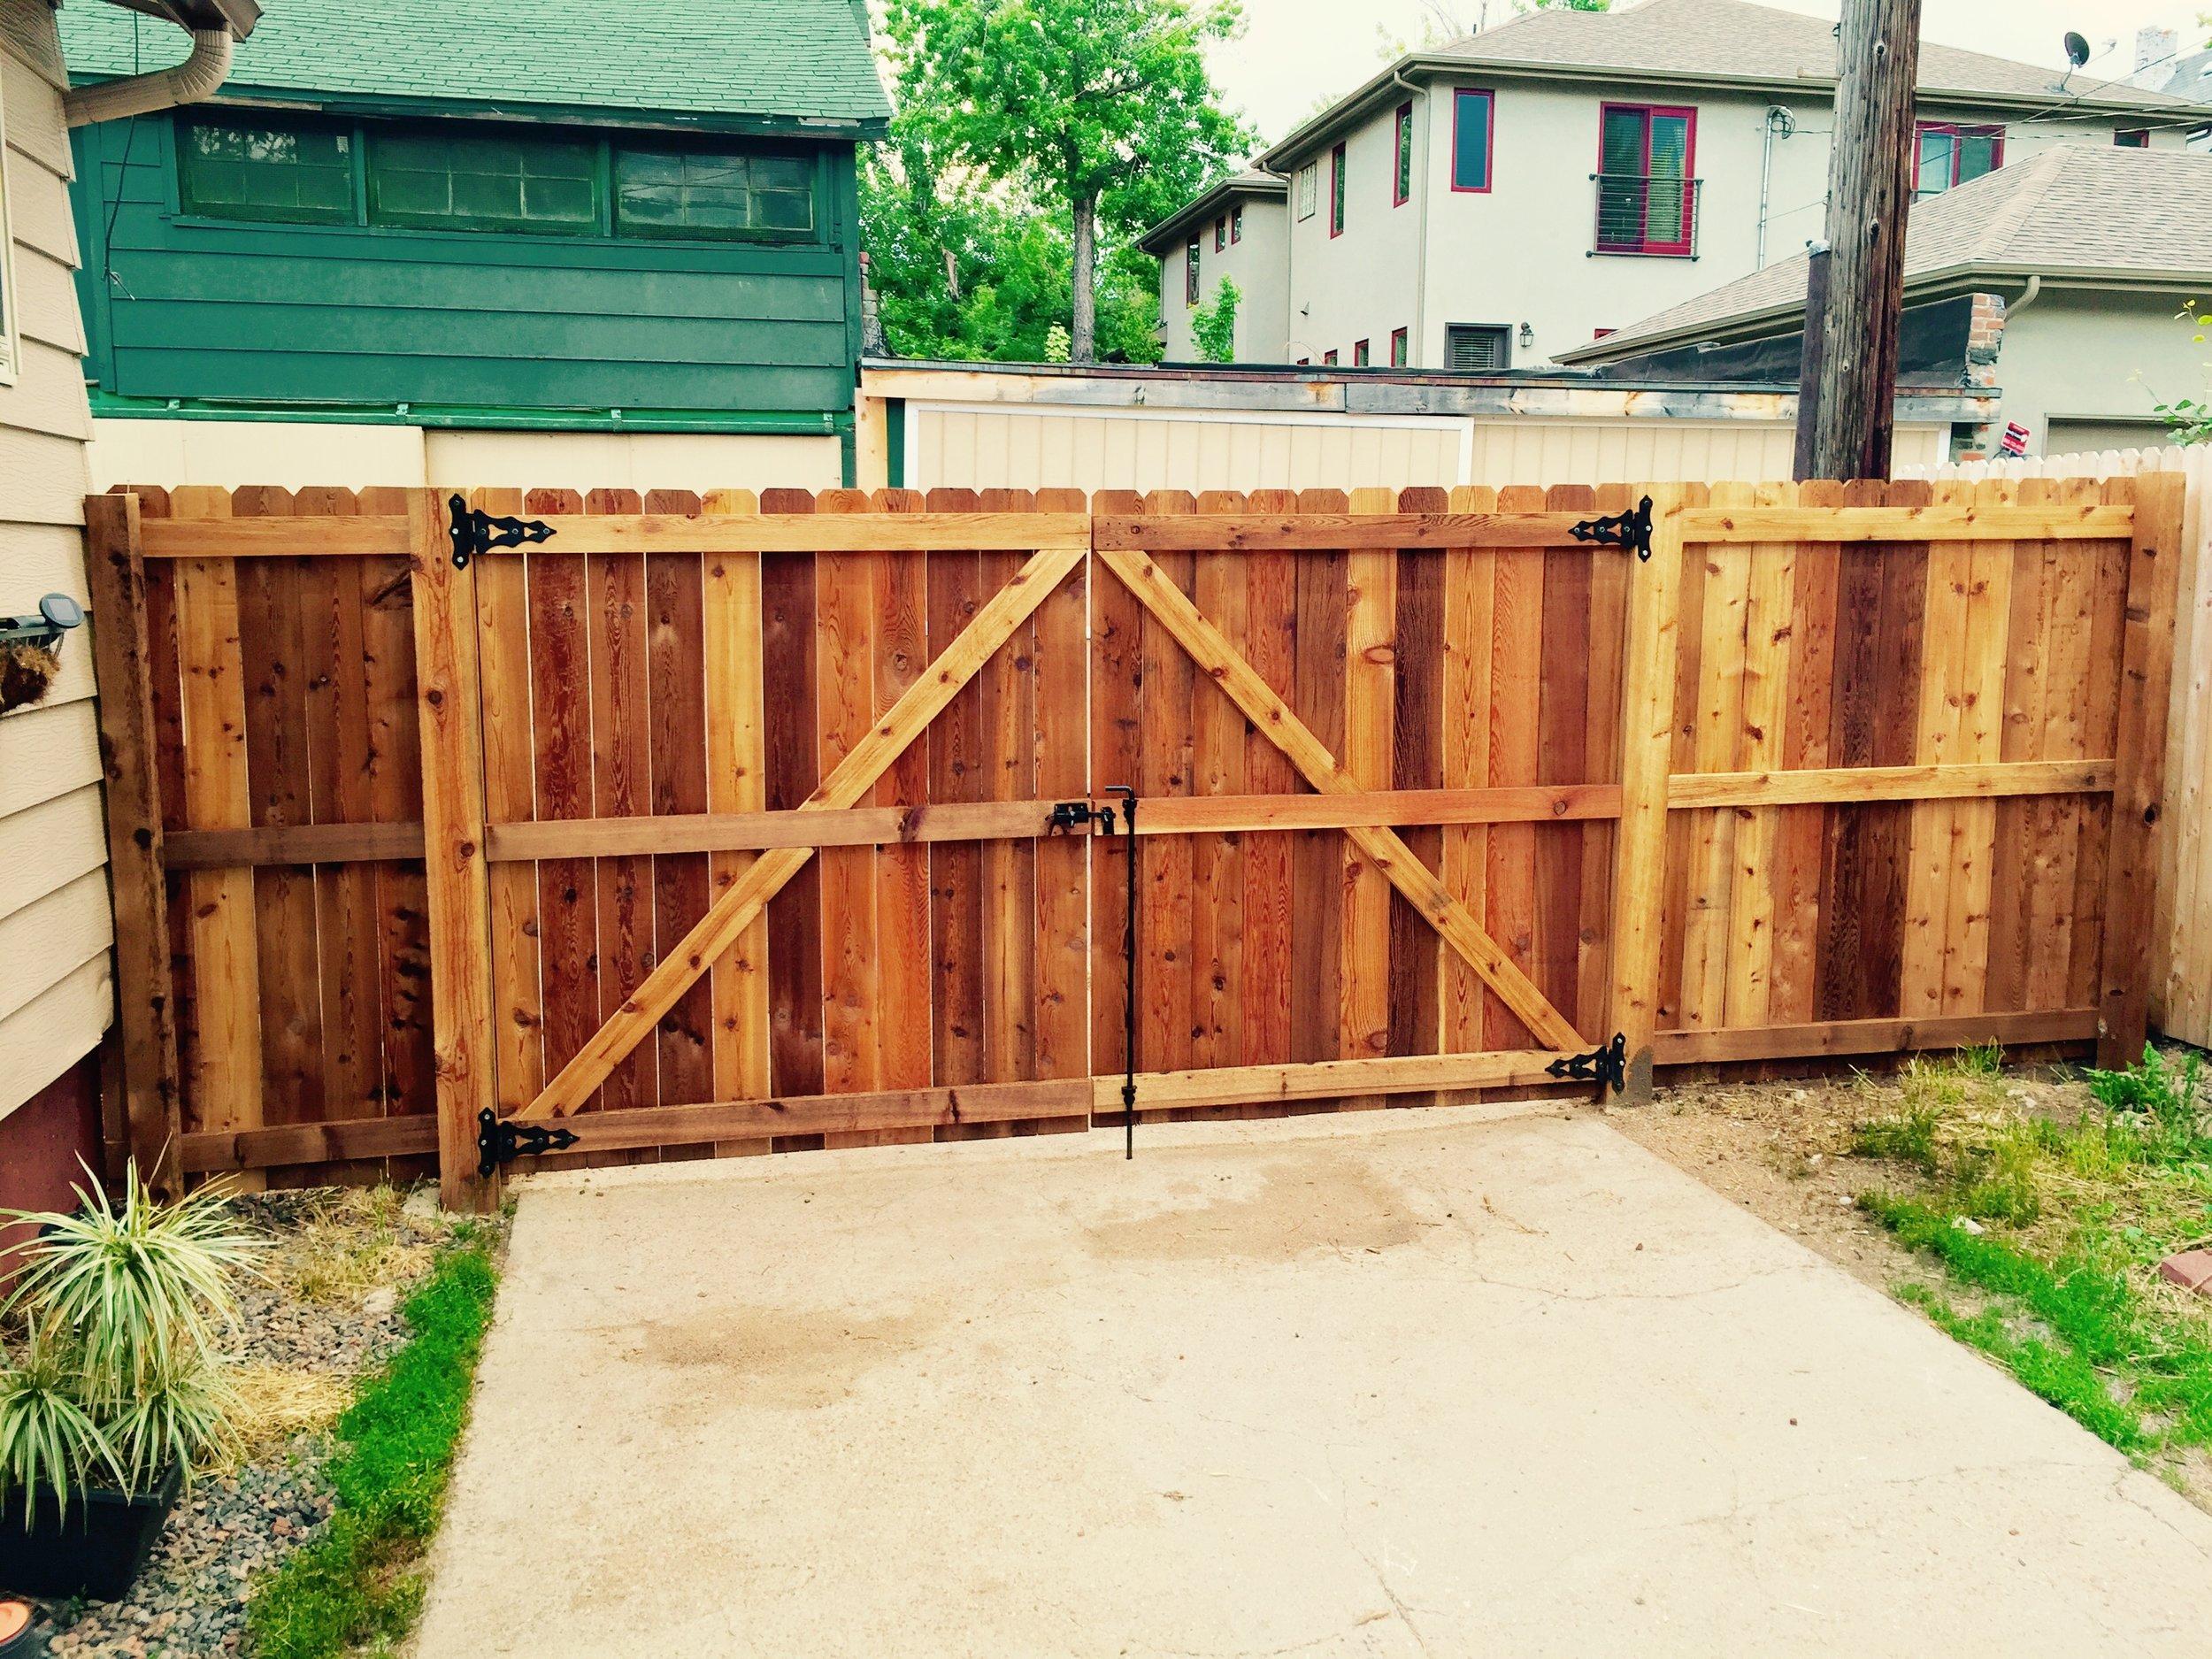 Residential double swing gate - cedar